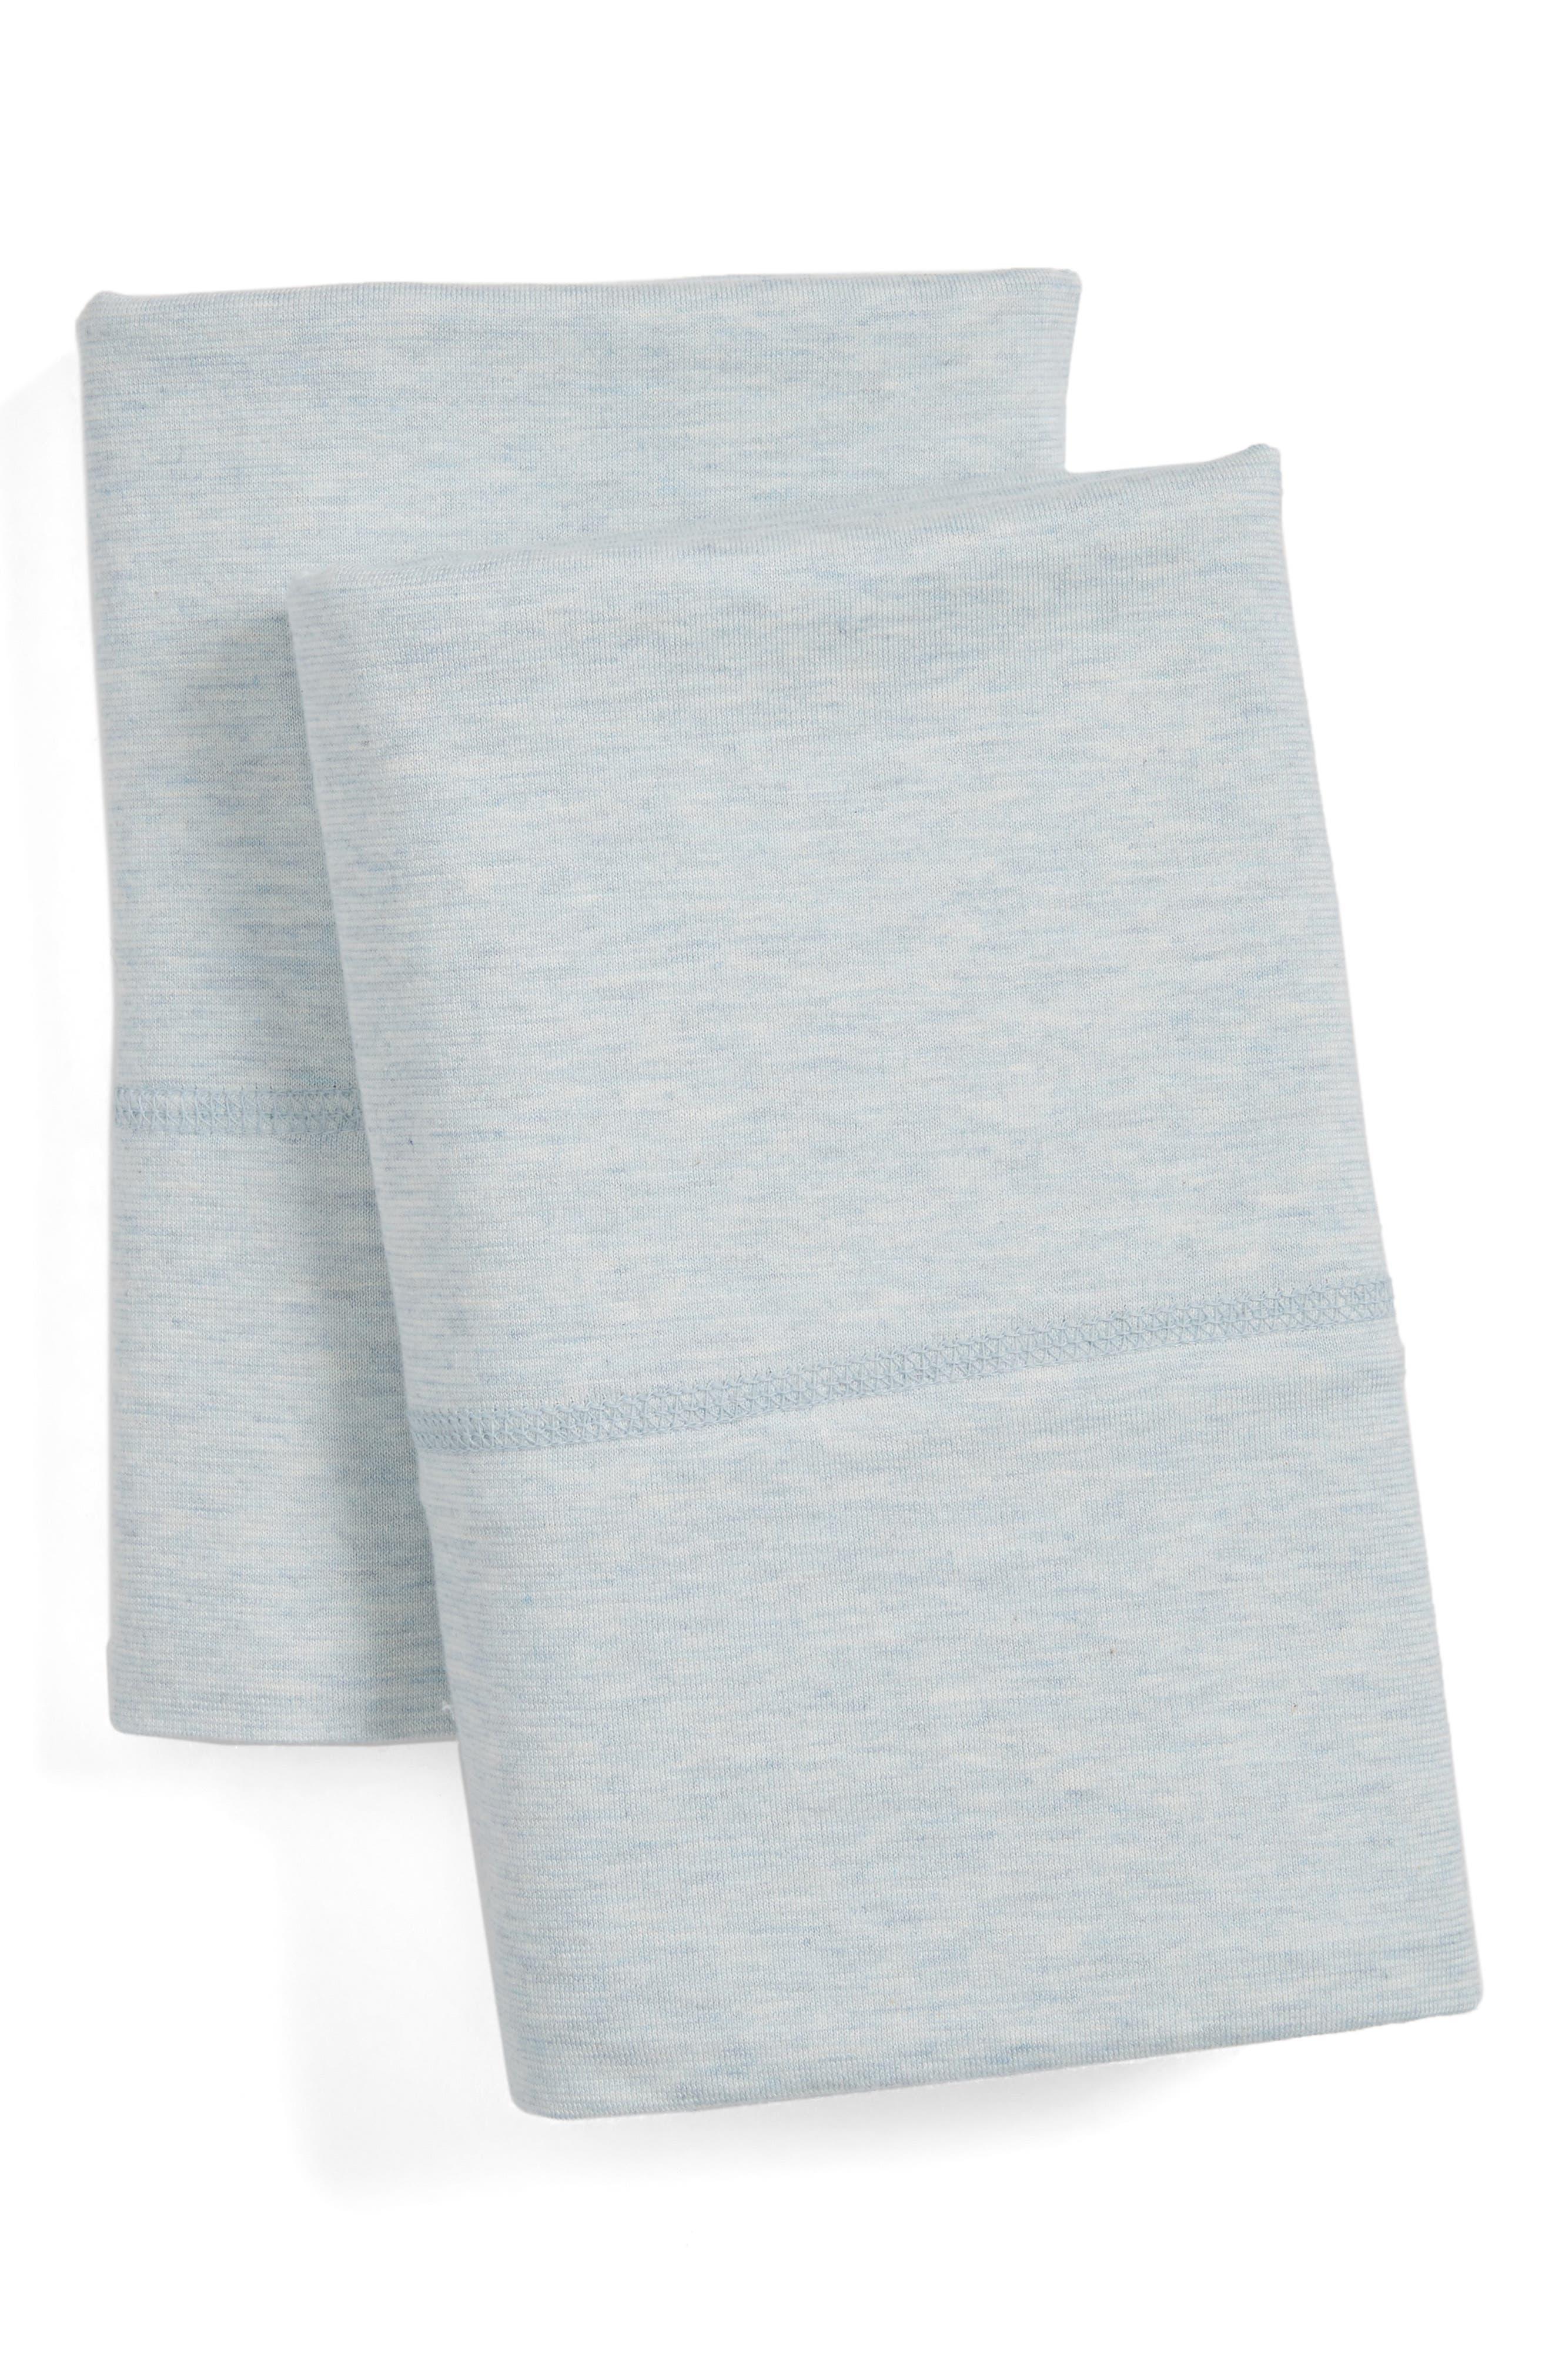 Modern Cotton Collection Cotton & Modal Pillowcases,                         Main,                         color, 020